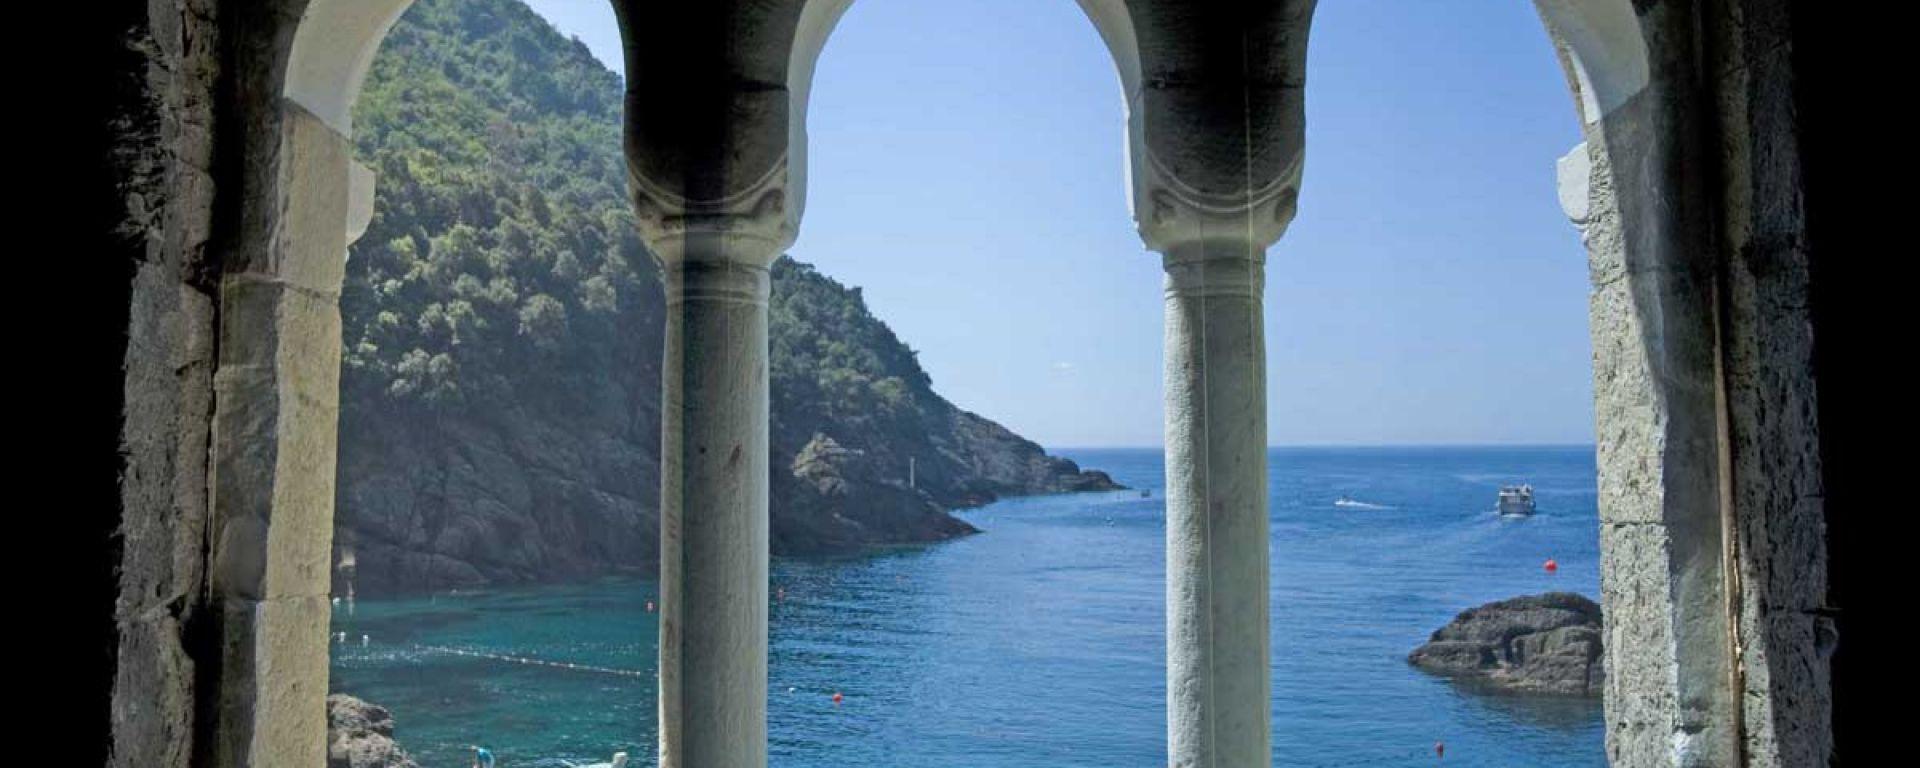 Dal Promontorio di Portofino al Parco Beigua